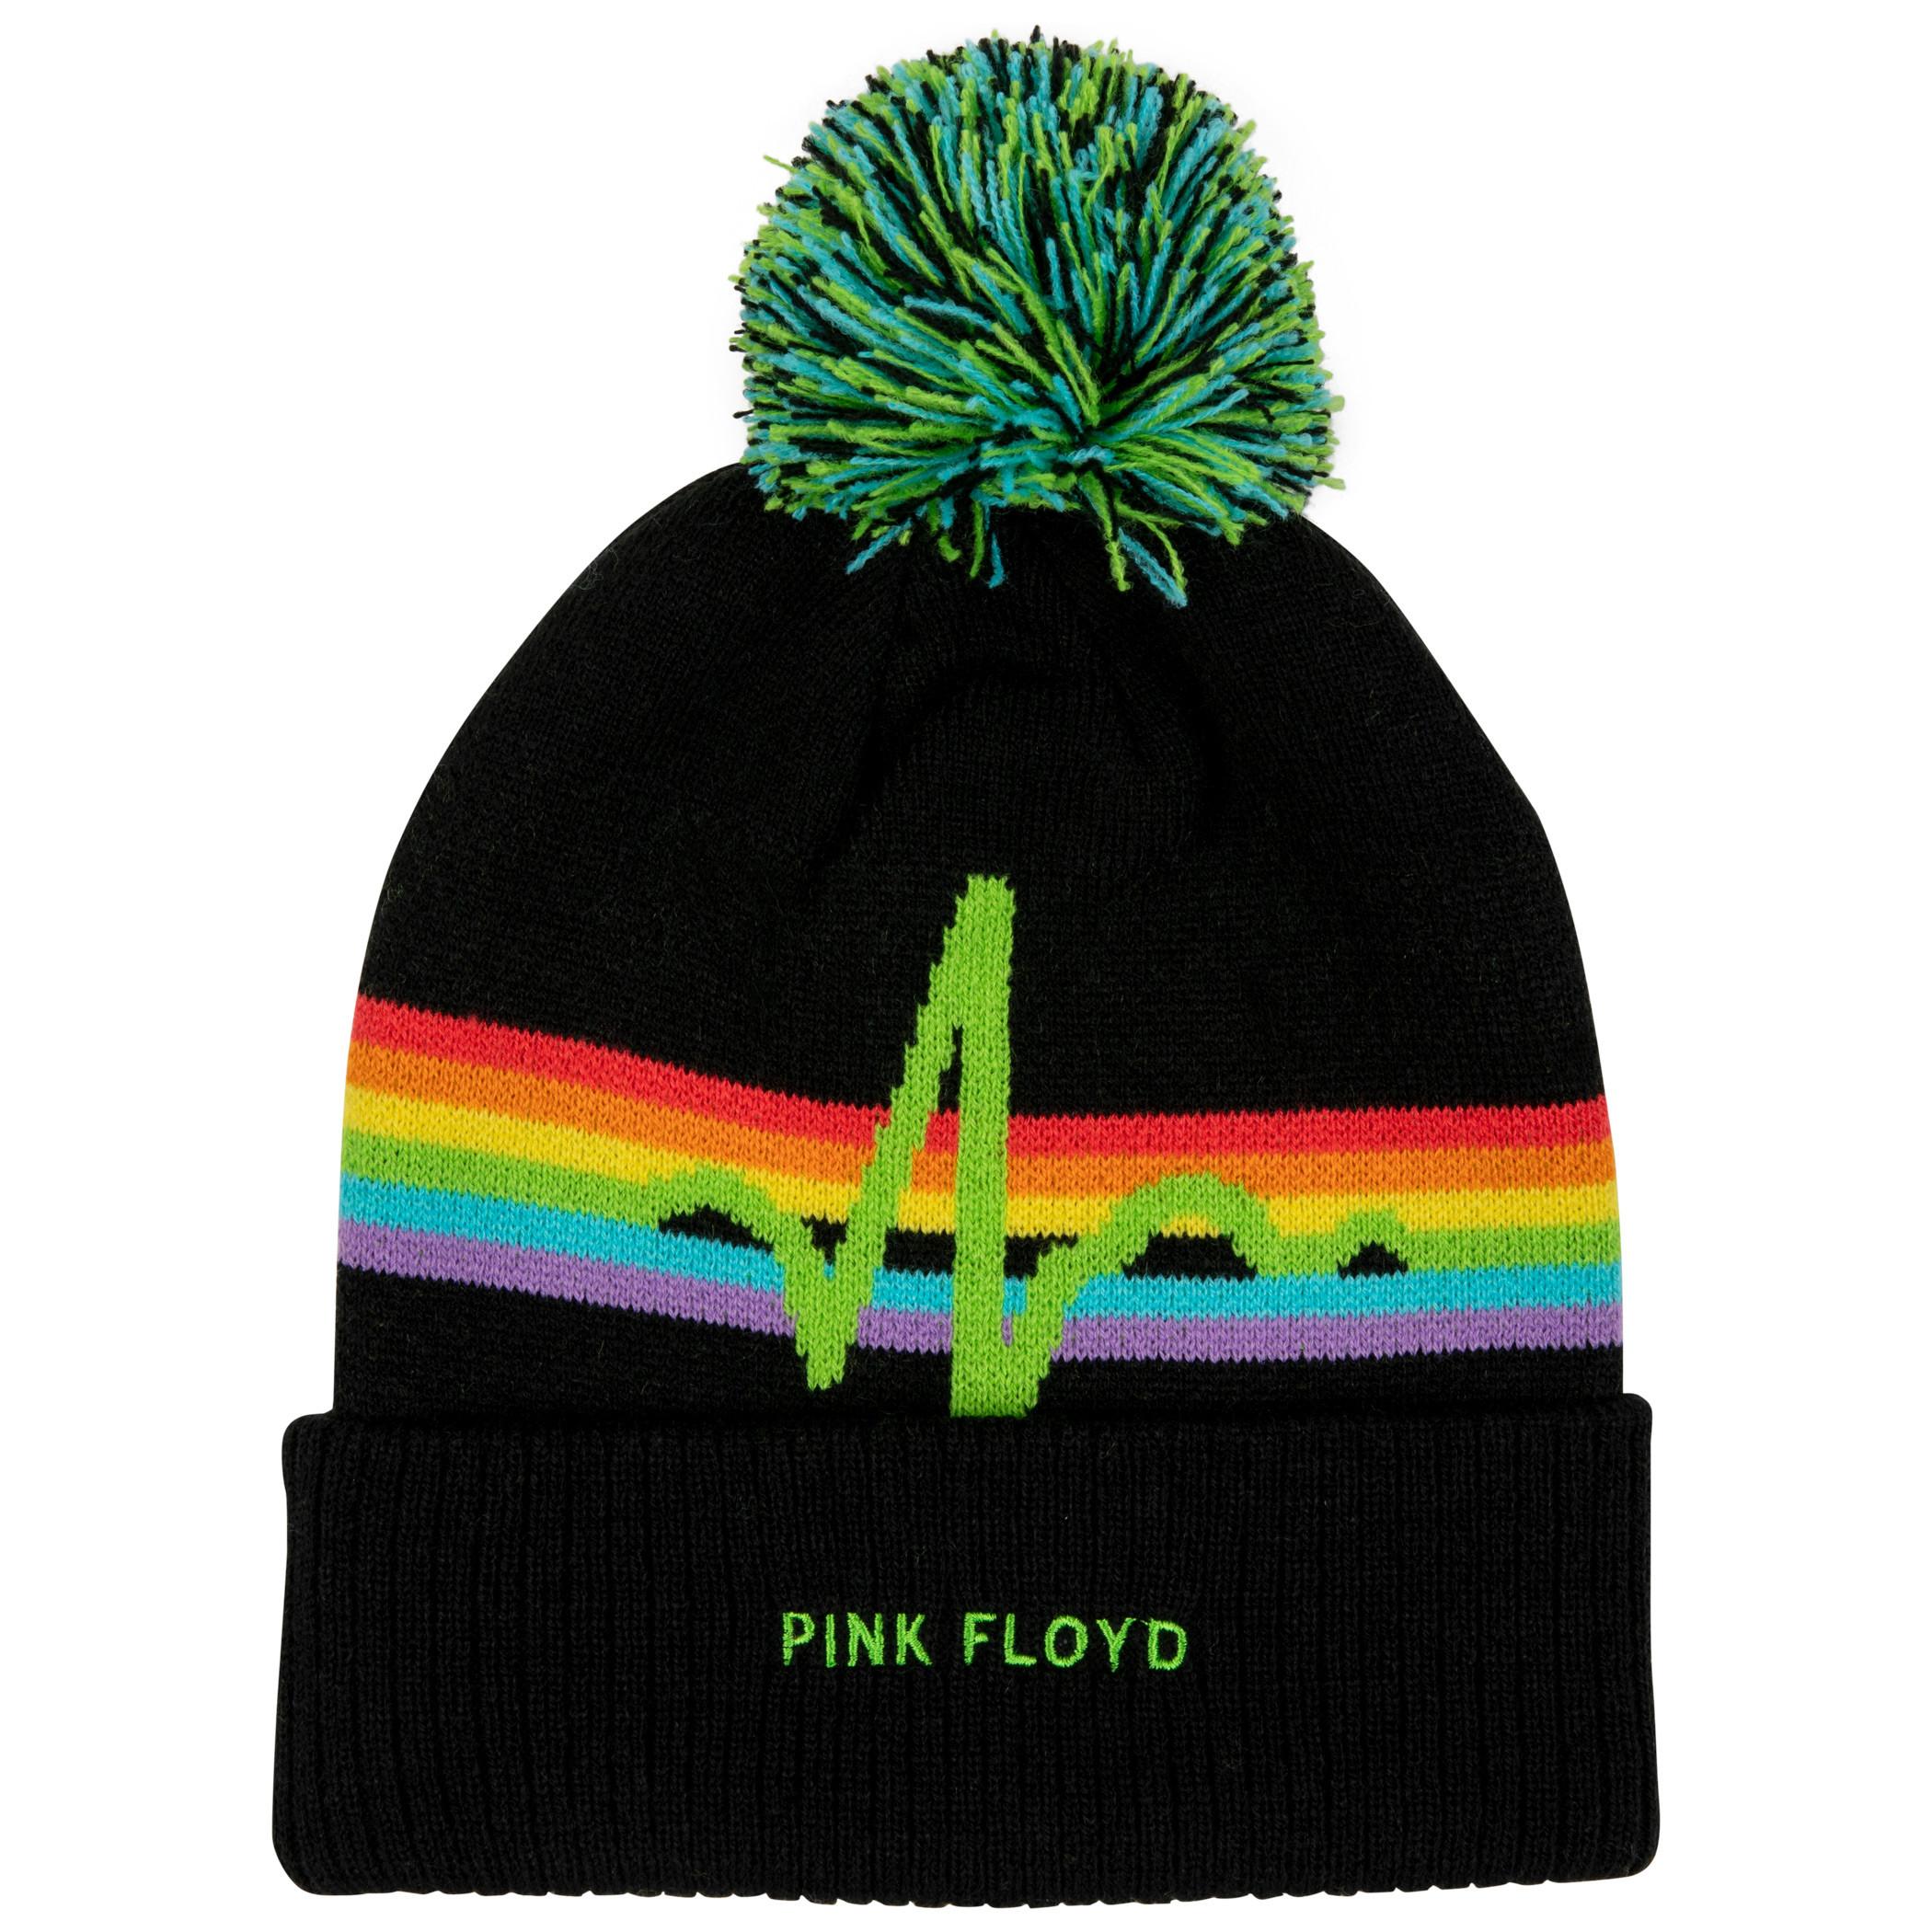 Pink Floyd Cuff Pom Knit Beanie